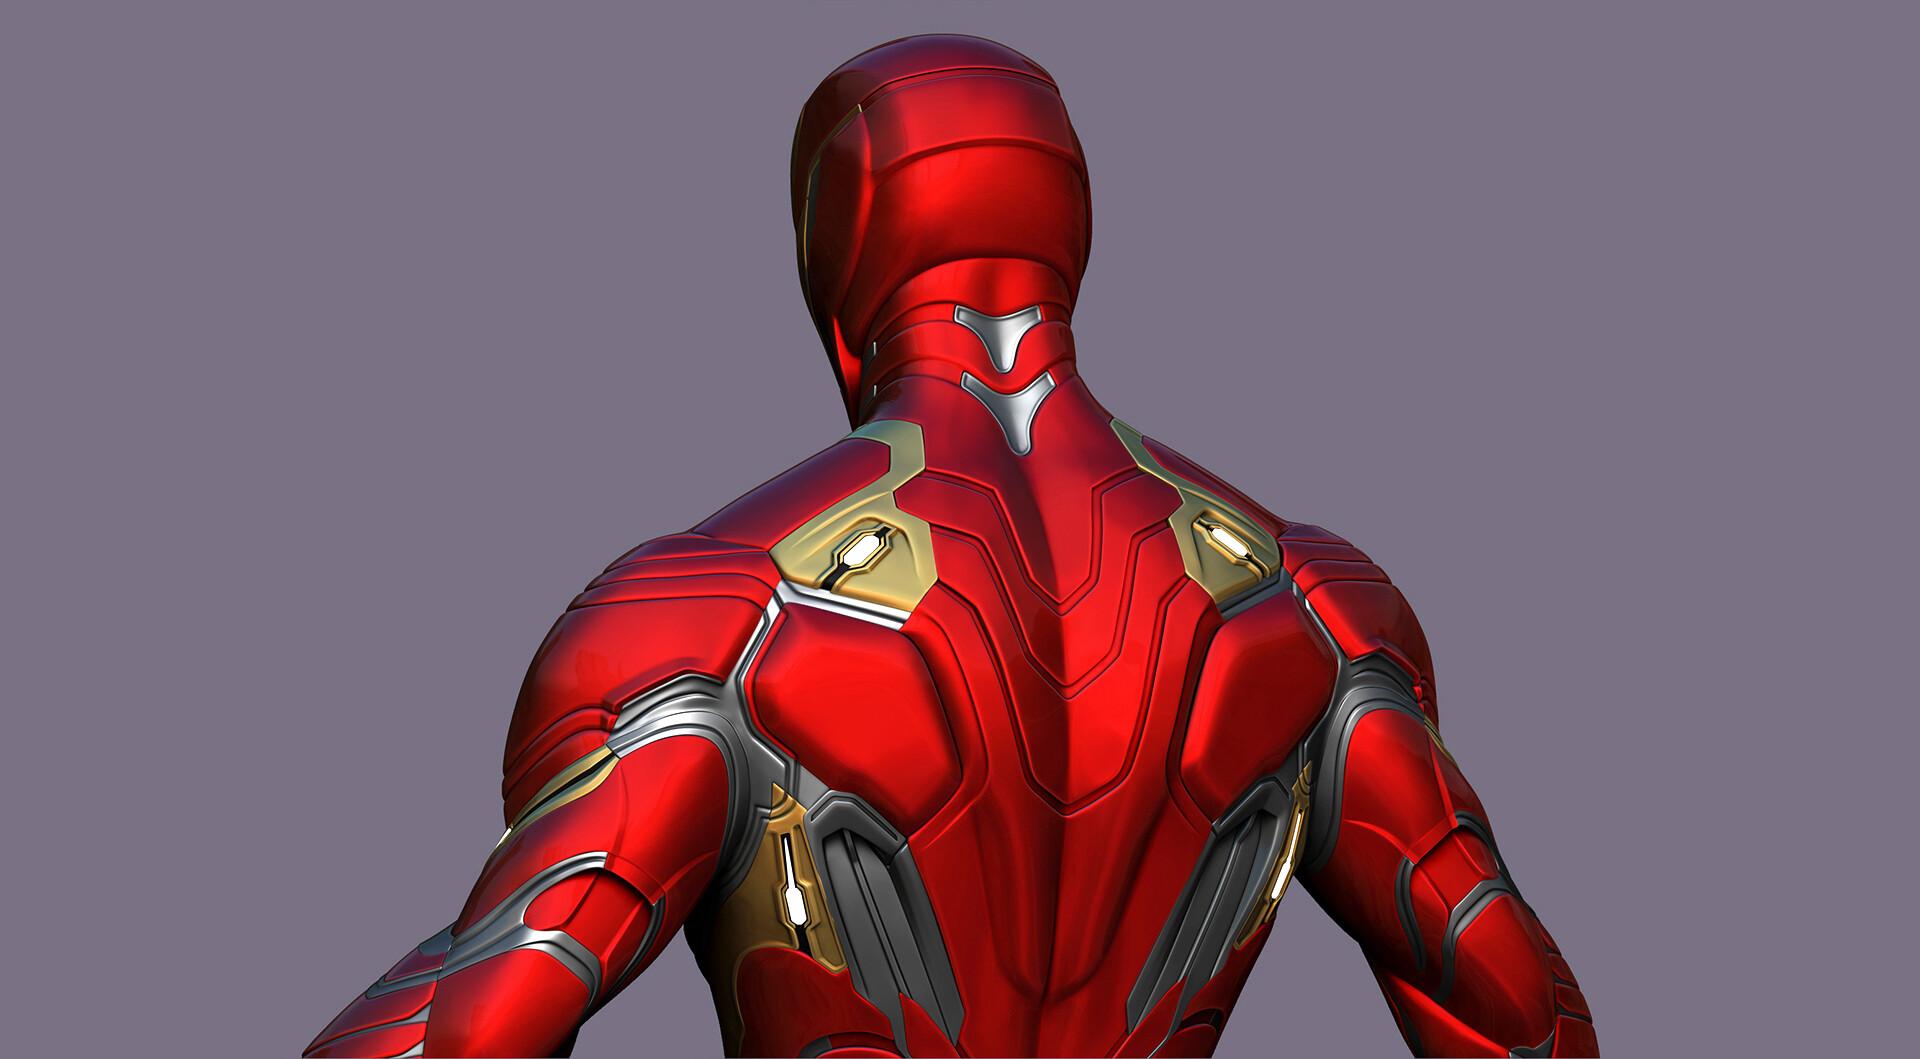 Velimir kondic iron man 4